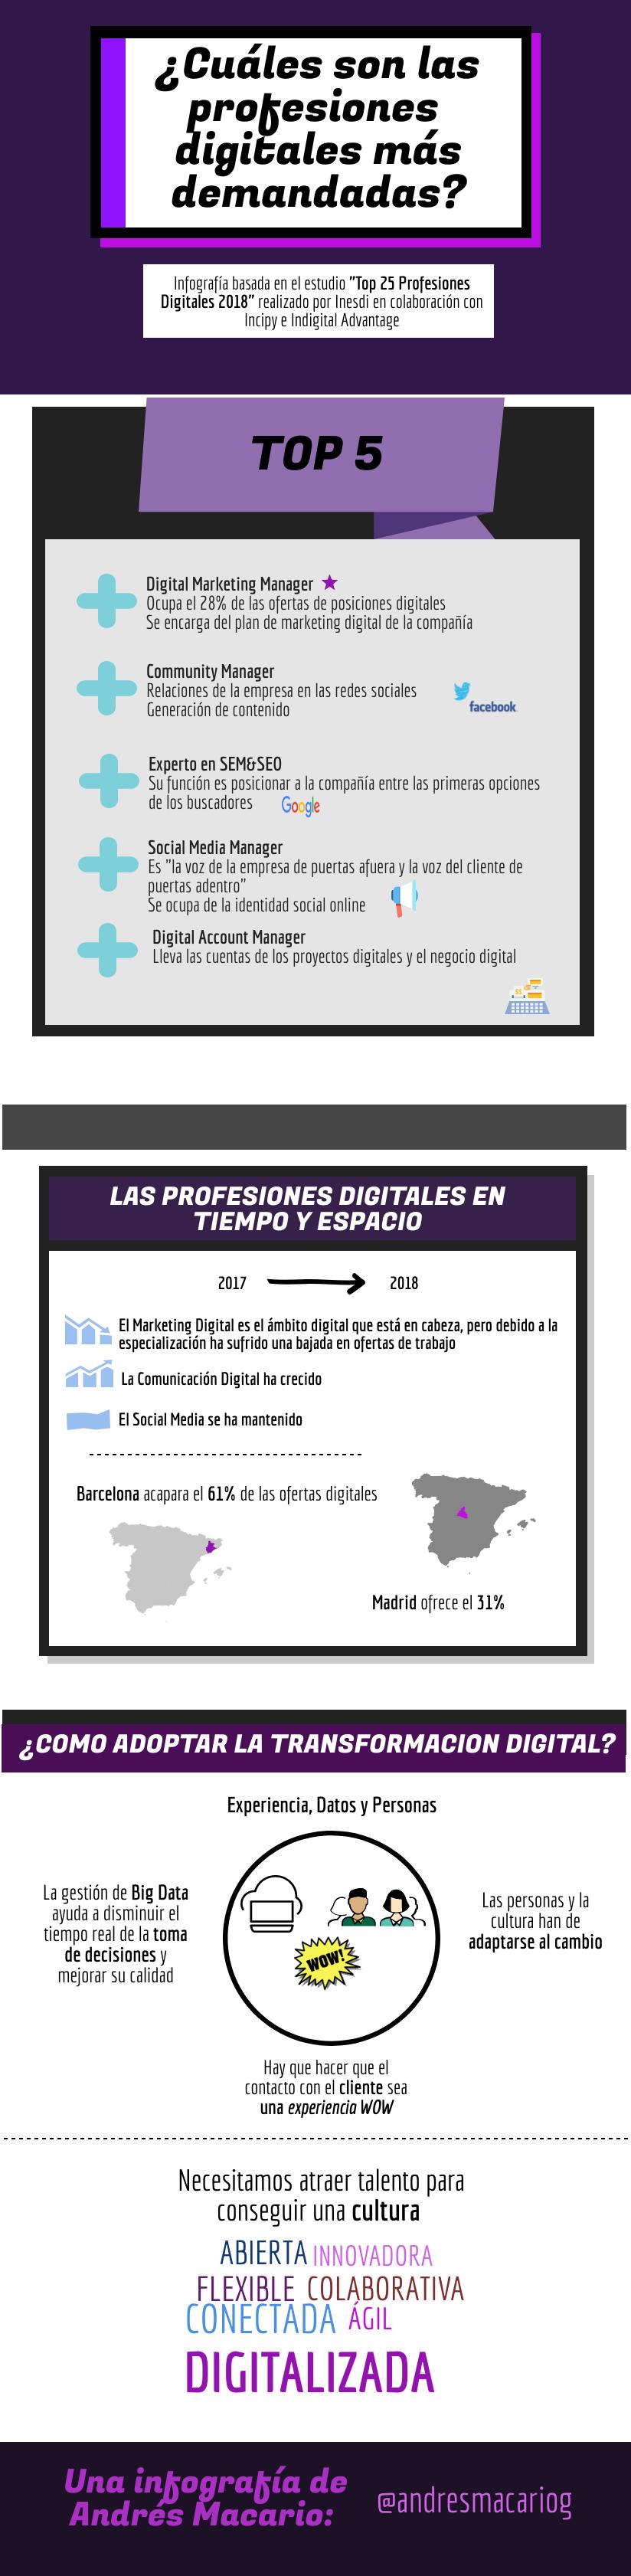 Profesiones digitales más demandadas - infografía Andrés Macario